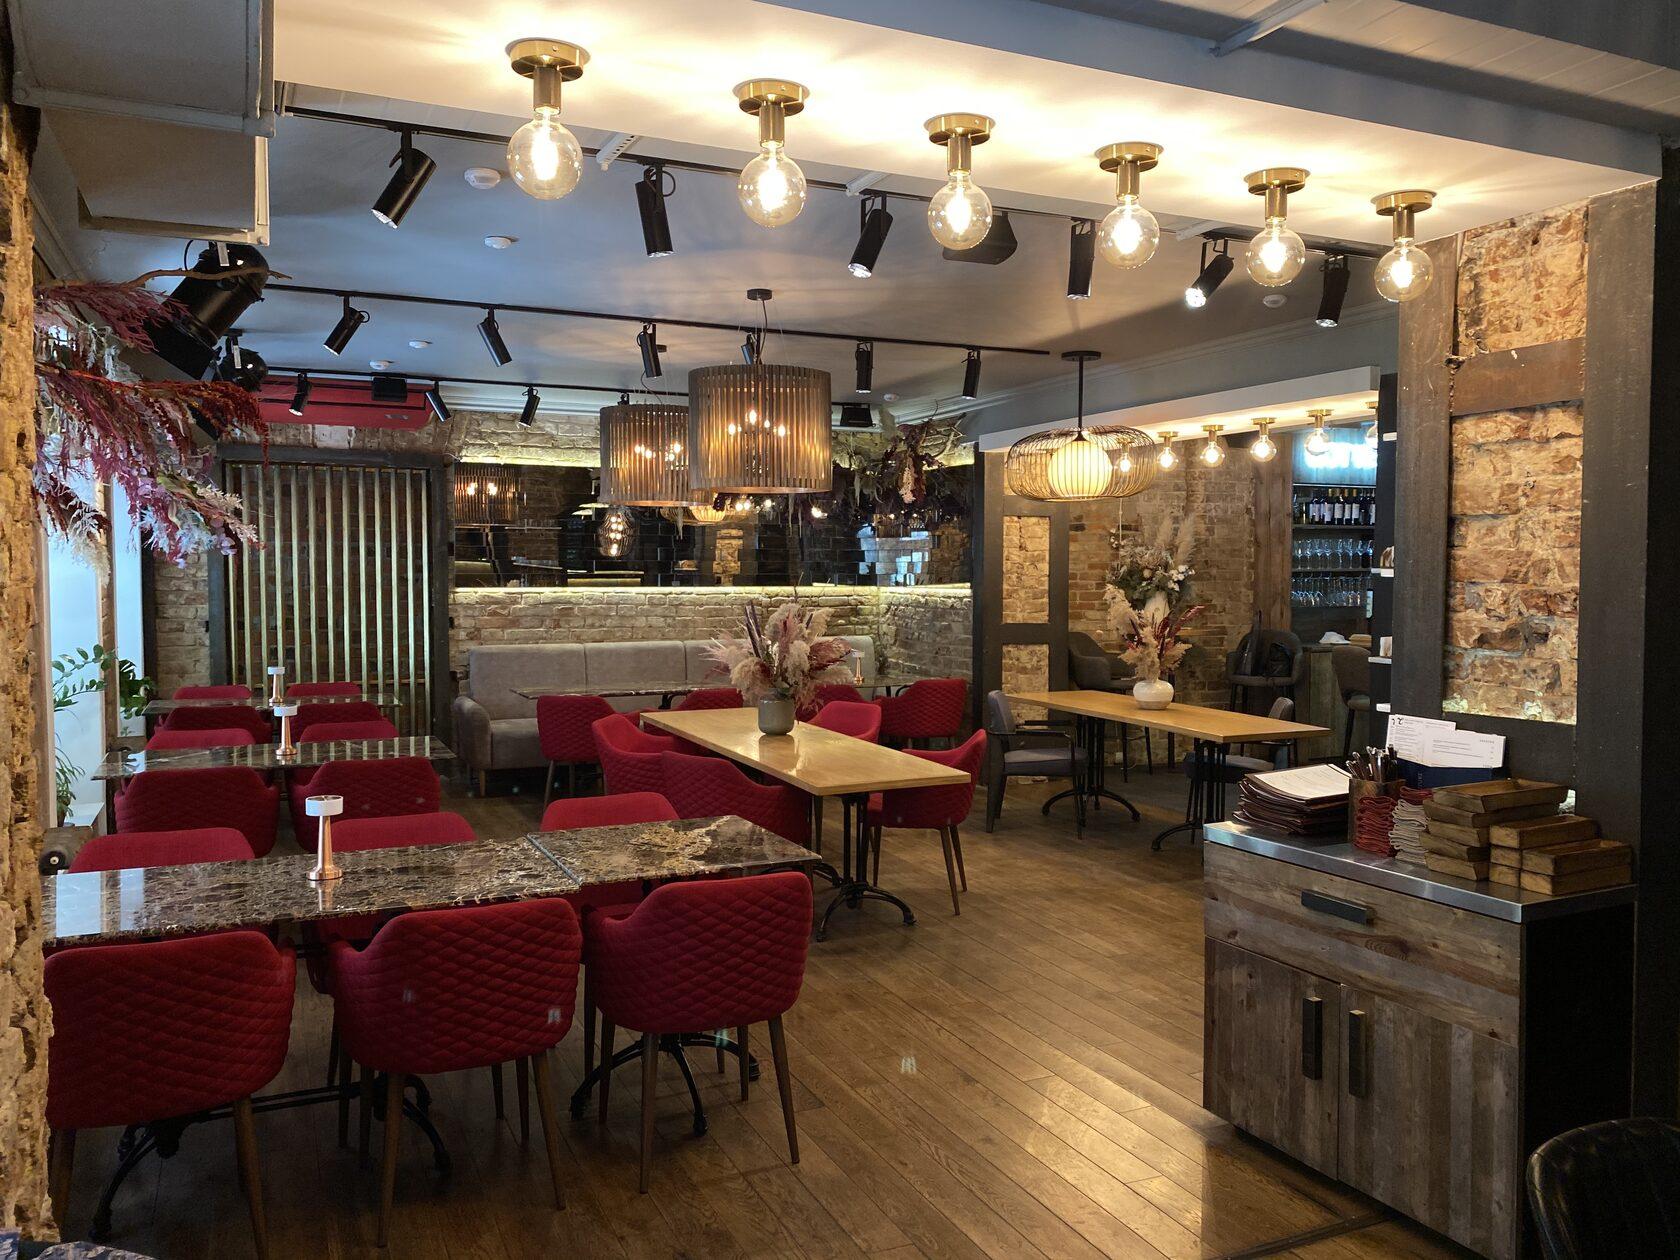 Ресторан Cibo, Екатеринбург